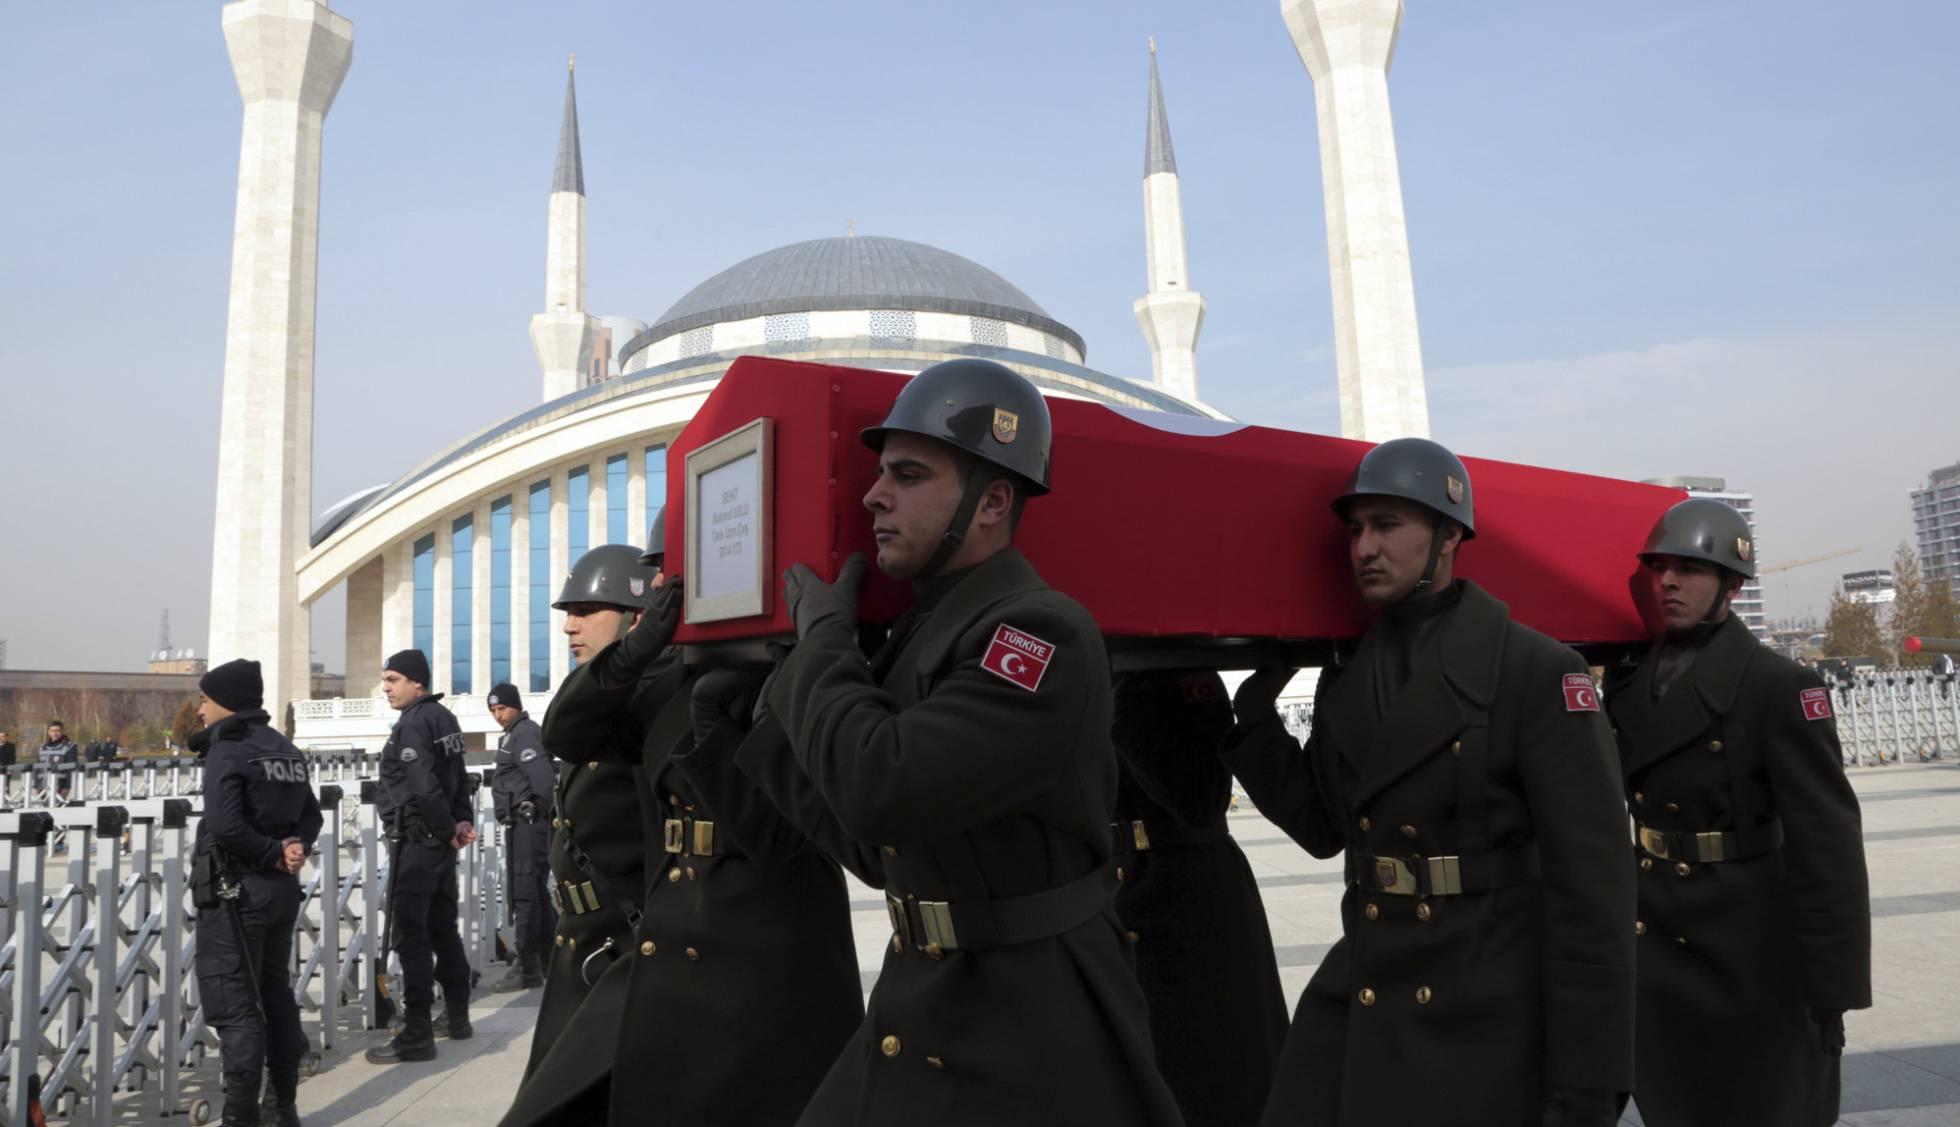 Siria - Conflicto Turquía - Siria  - Página 13 1486653332_501919_1486663569_noticia_normal_recorte1